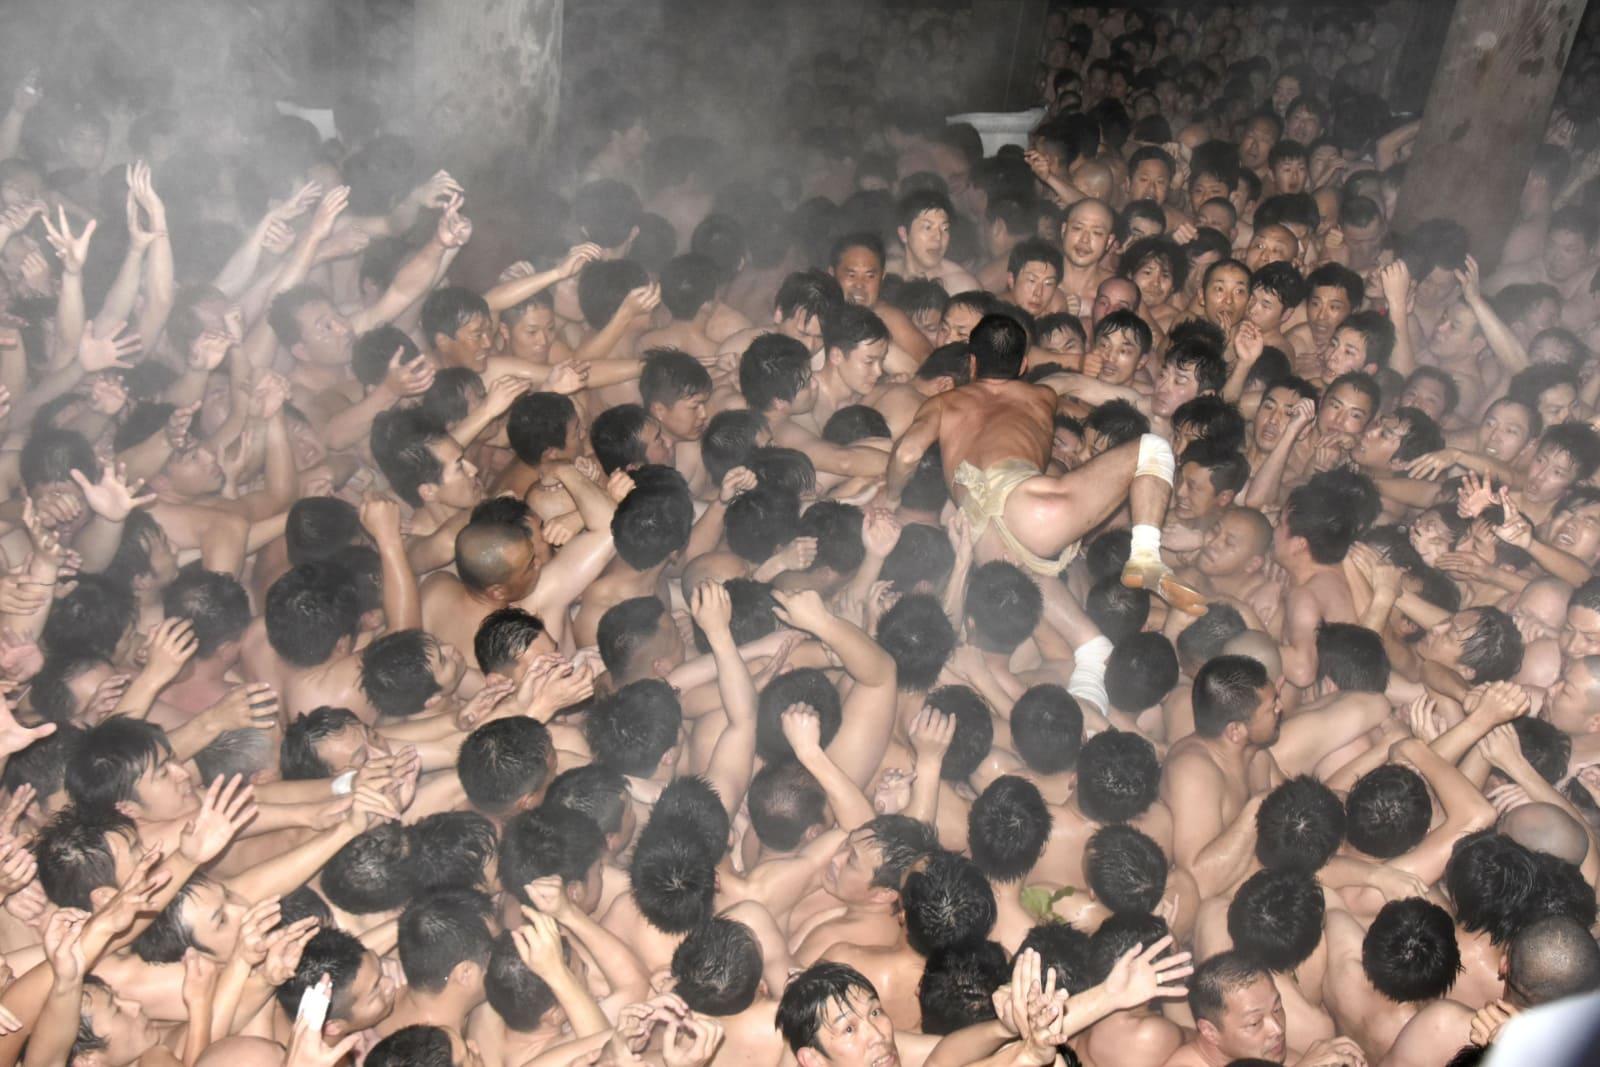 【裸】ノンケのバカ騒ぎ写真105【露出】 [無断転載禁止]©bbspink.comYouTube動画>15本 dailymotion>1本 ->画像>1373枚